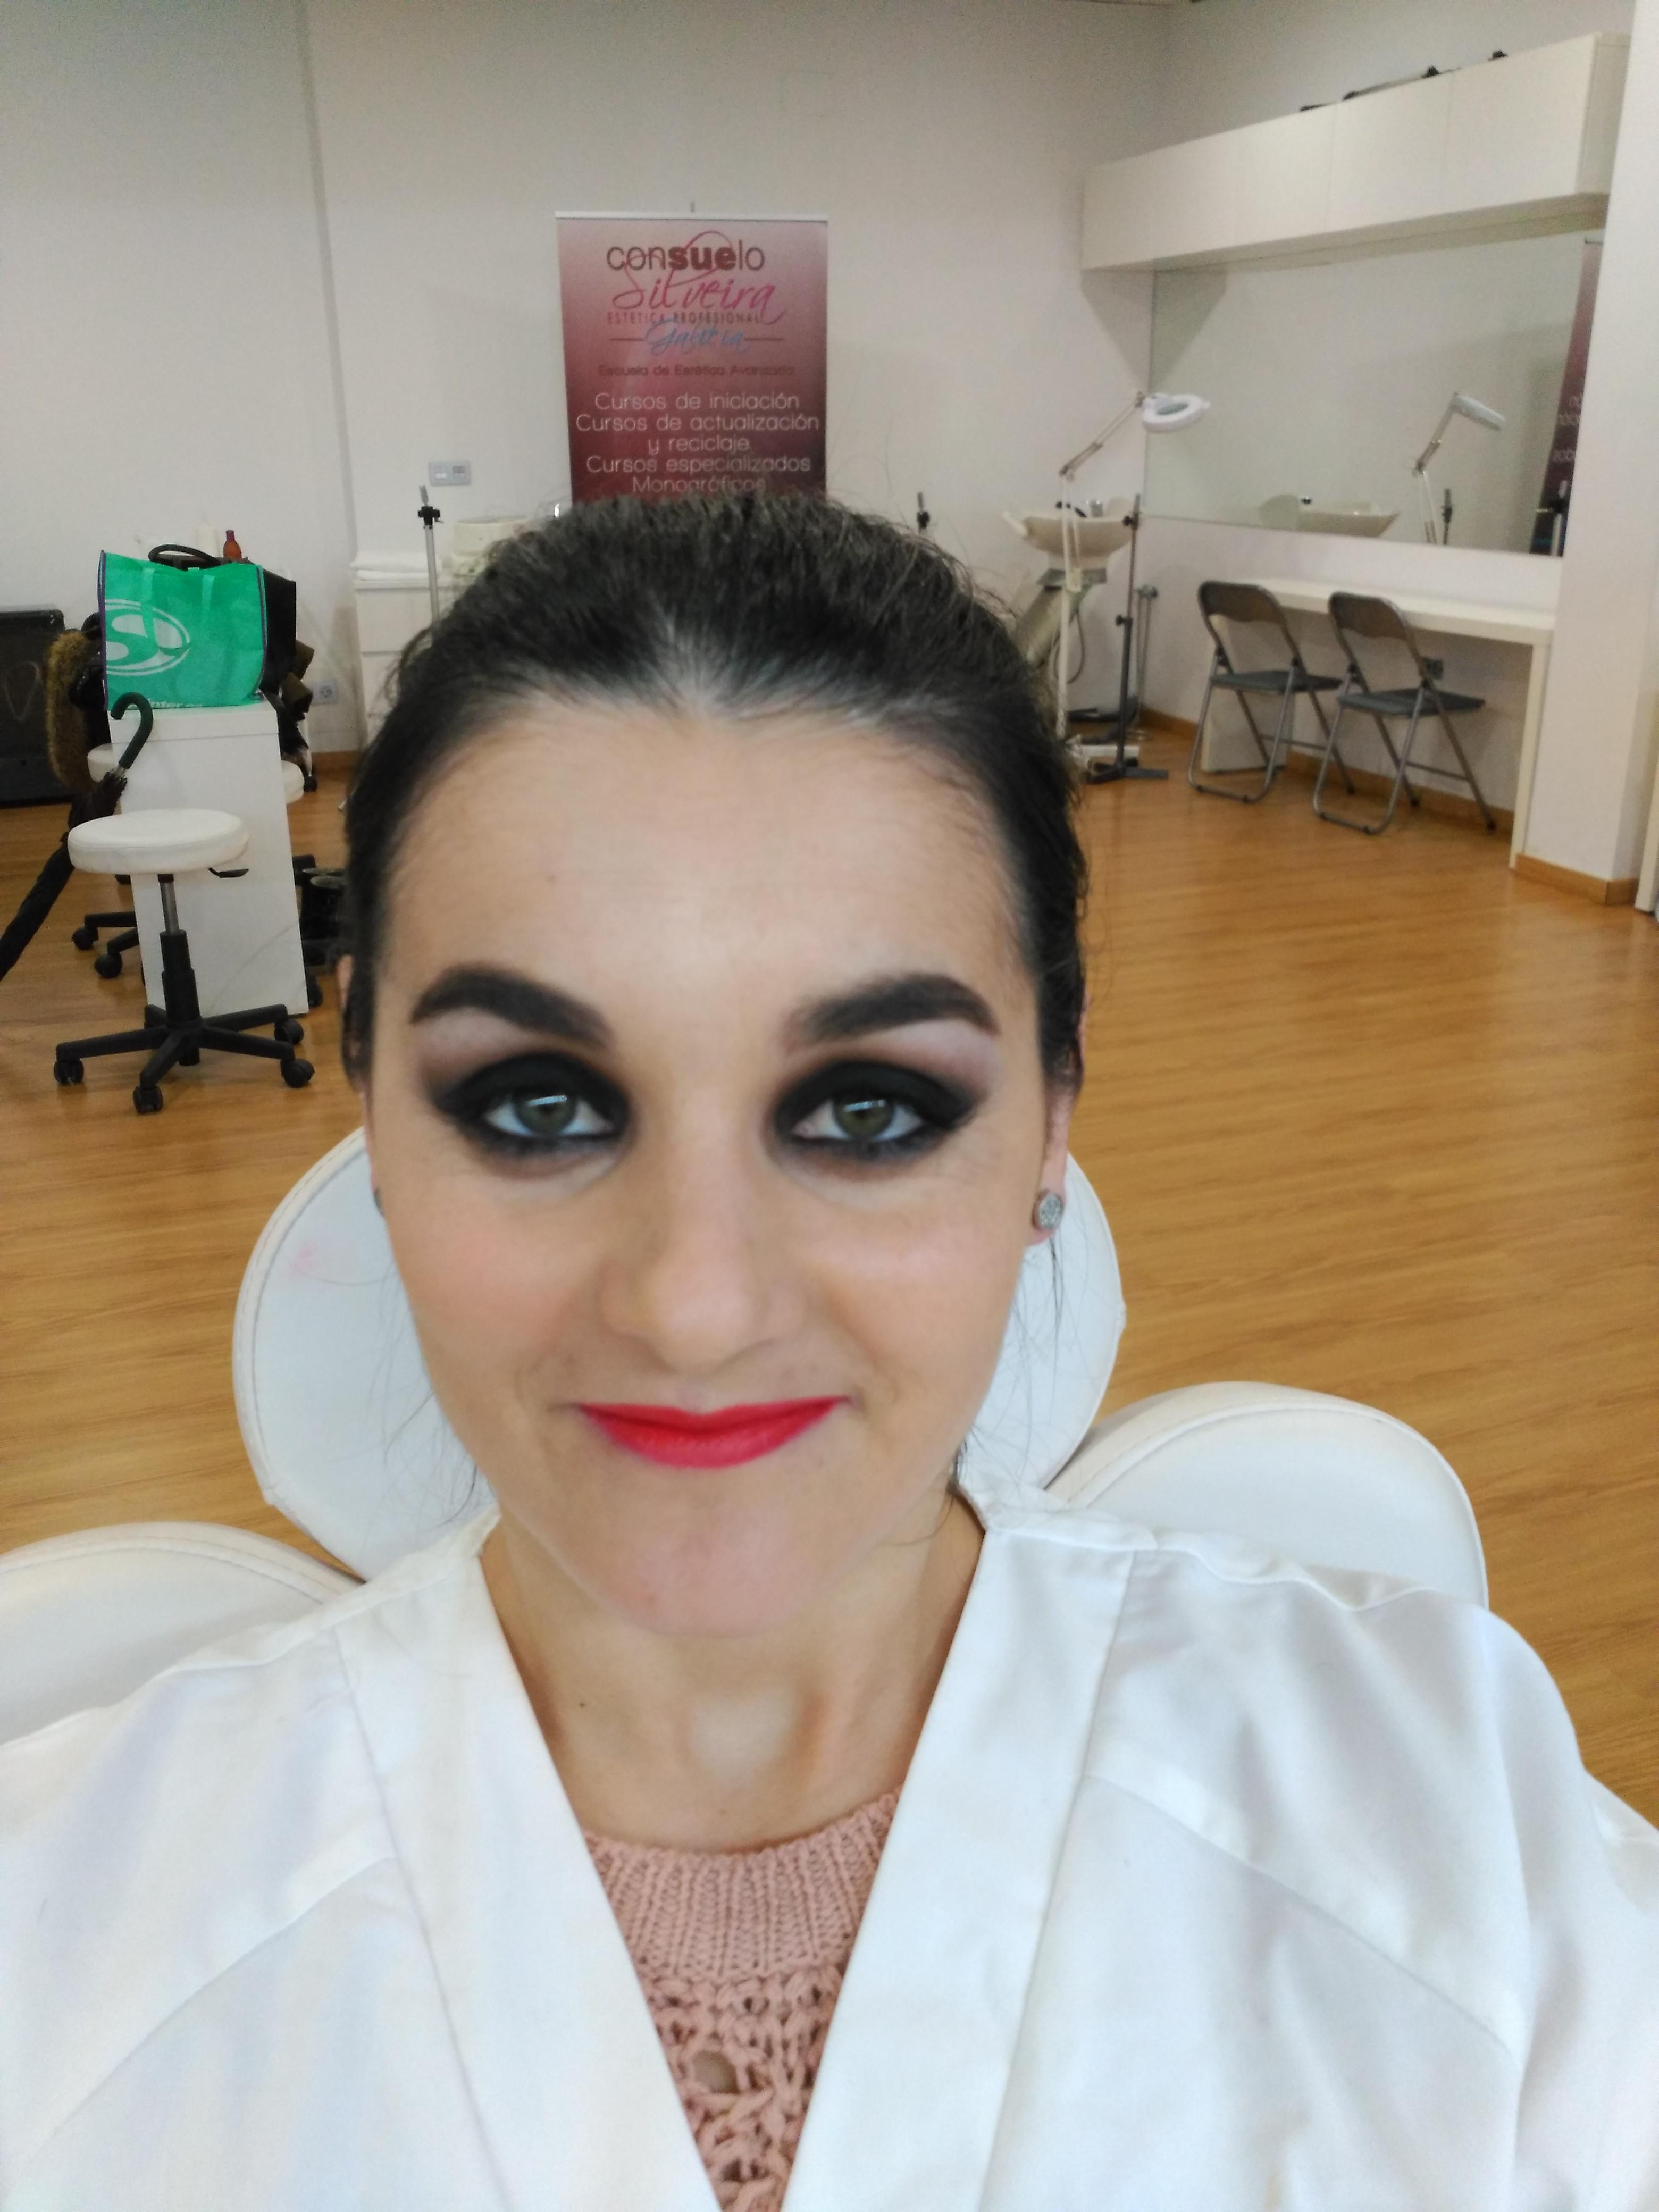 Pamela Funcasta, alumna de Consuelo Silveira: Formarse en estética para encontrar empleo